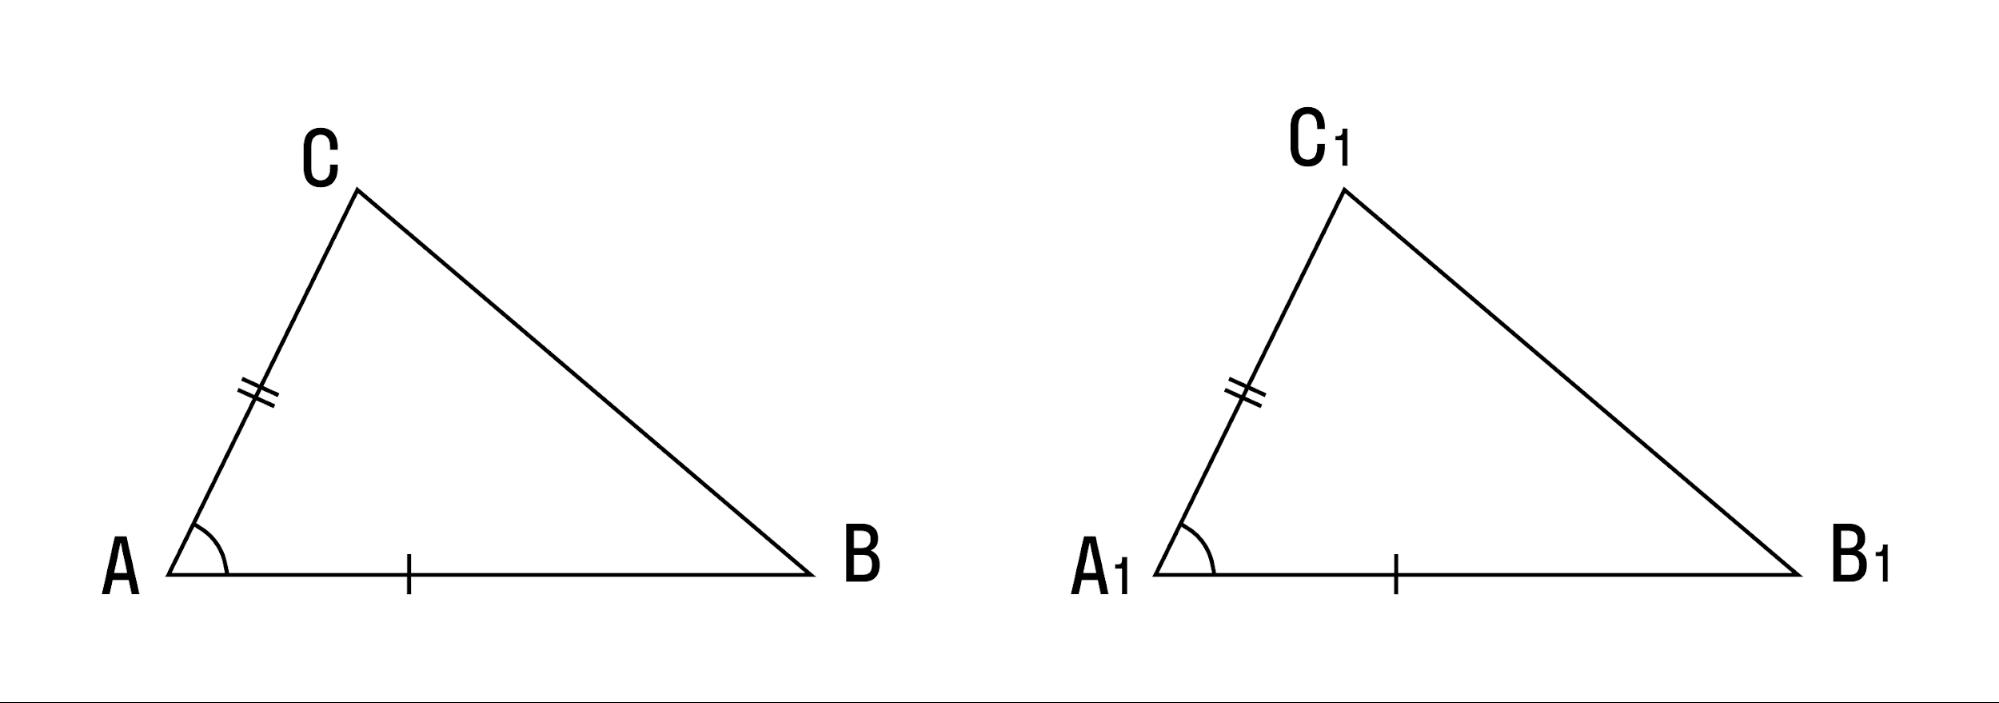 Равенство треугольников по двум сторонам и углу между ними